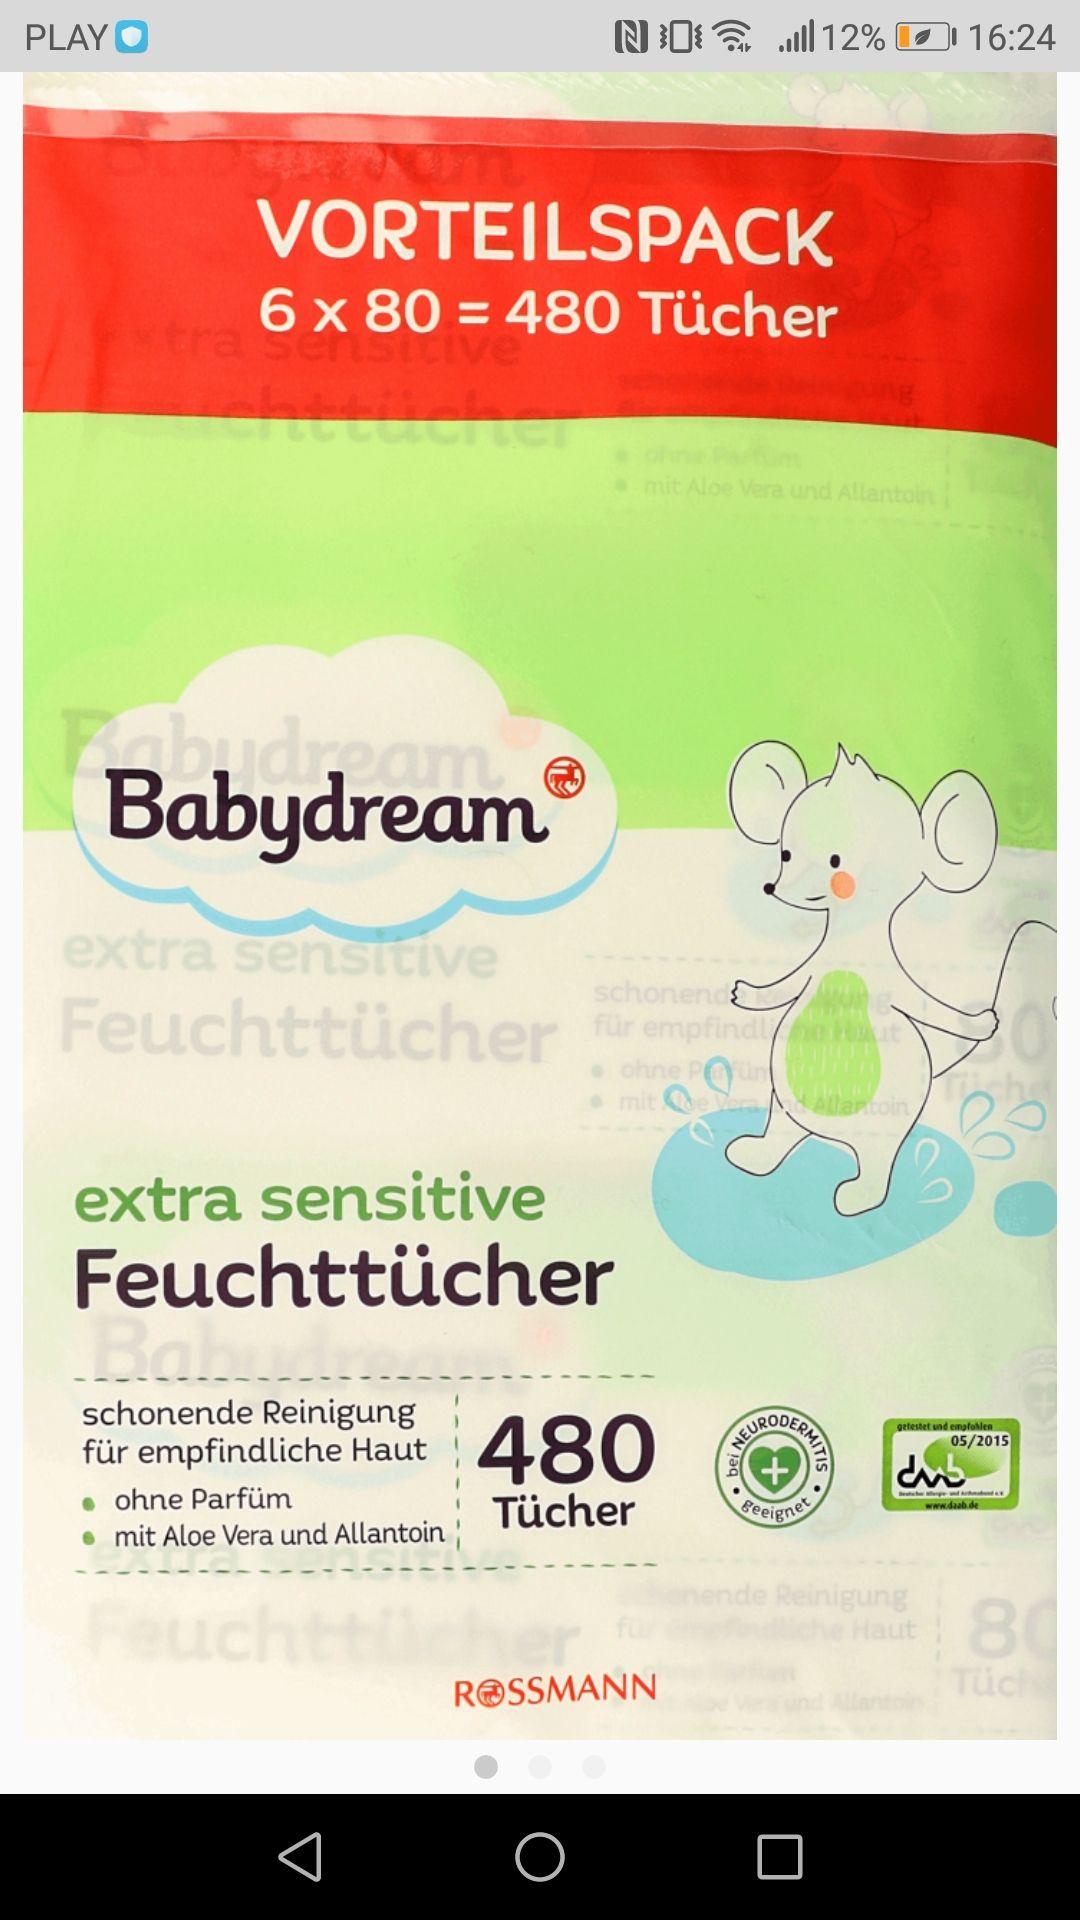 Rossmann Chusteczki nawilżane Babydream 0,04zł/szt TANIEJ z rabatem  ROSSNĘ  lub DRUGIE opakowanie 4x80szt za 50%